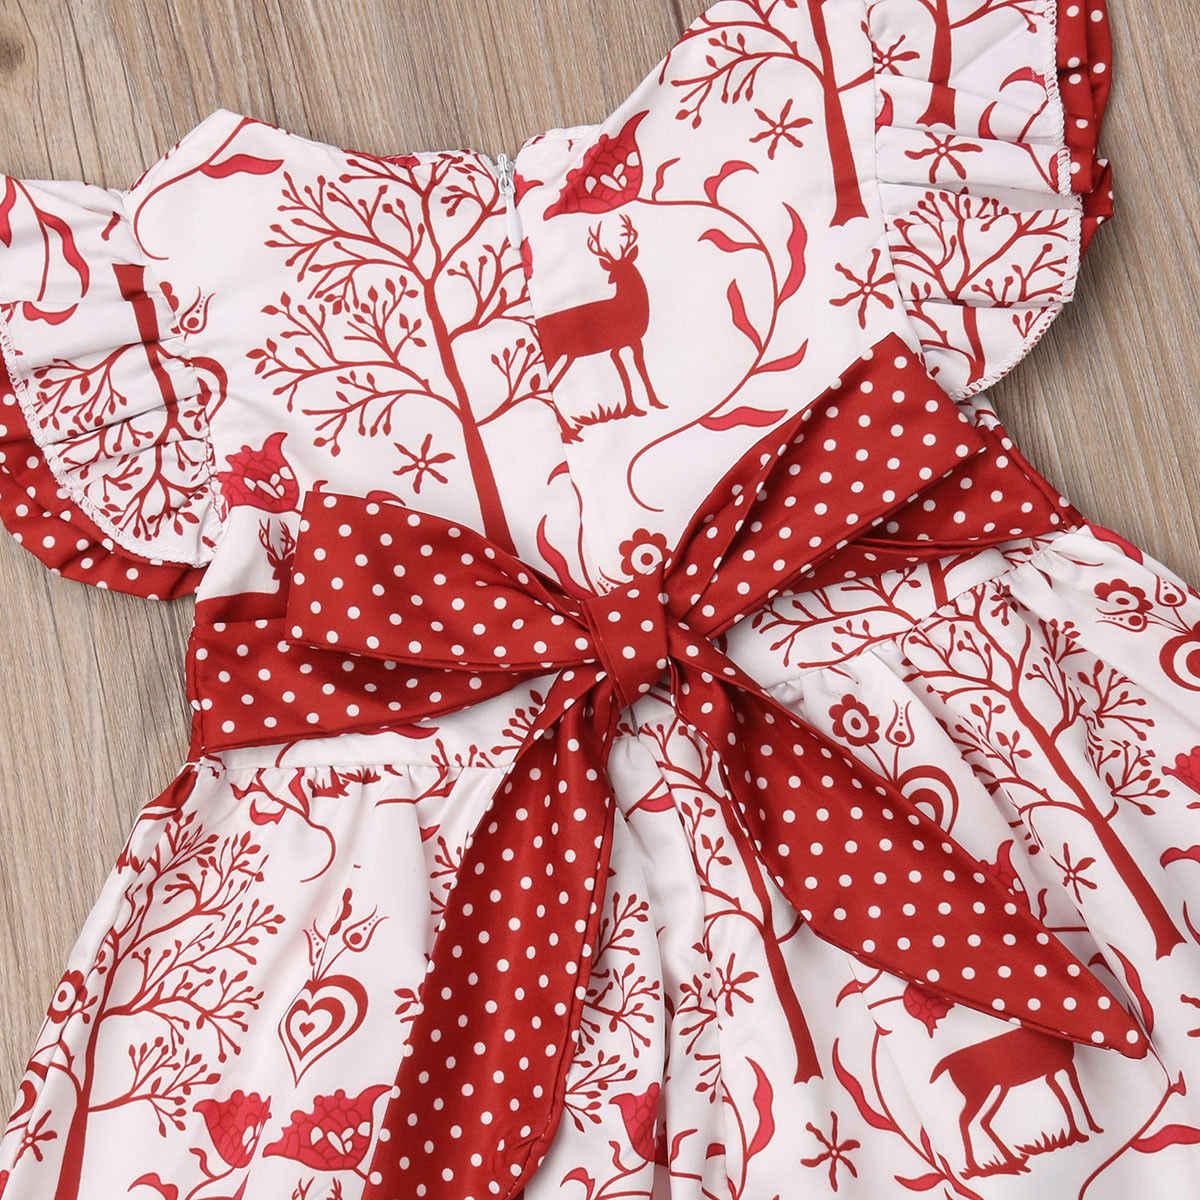 王女クリスマスベイビーガールドレスかわいい女の子鹿プリントちょうチュチュドレス赤ちゃんのクリスマスドレス + ヘッドバンド